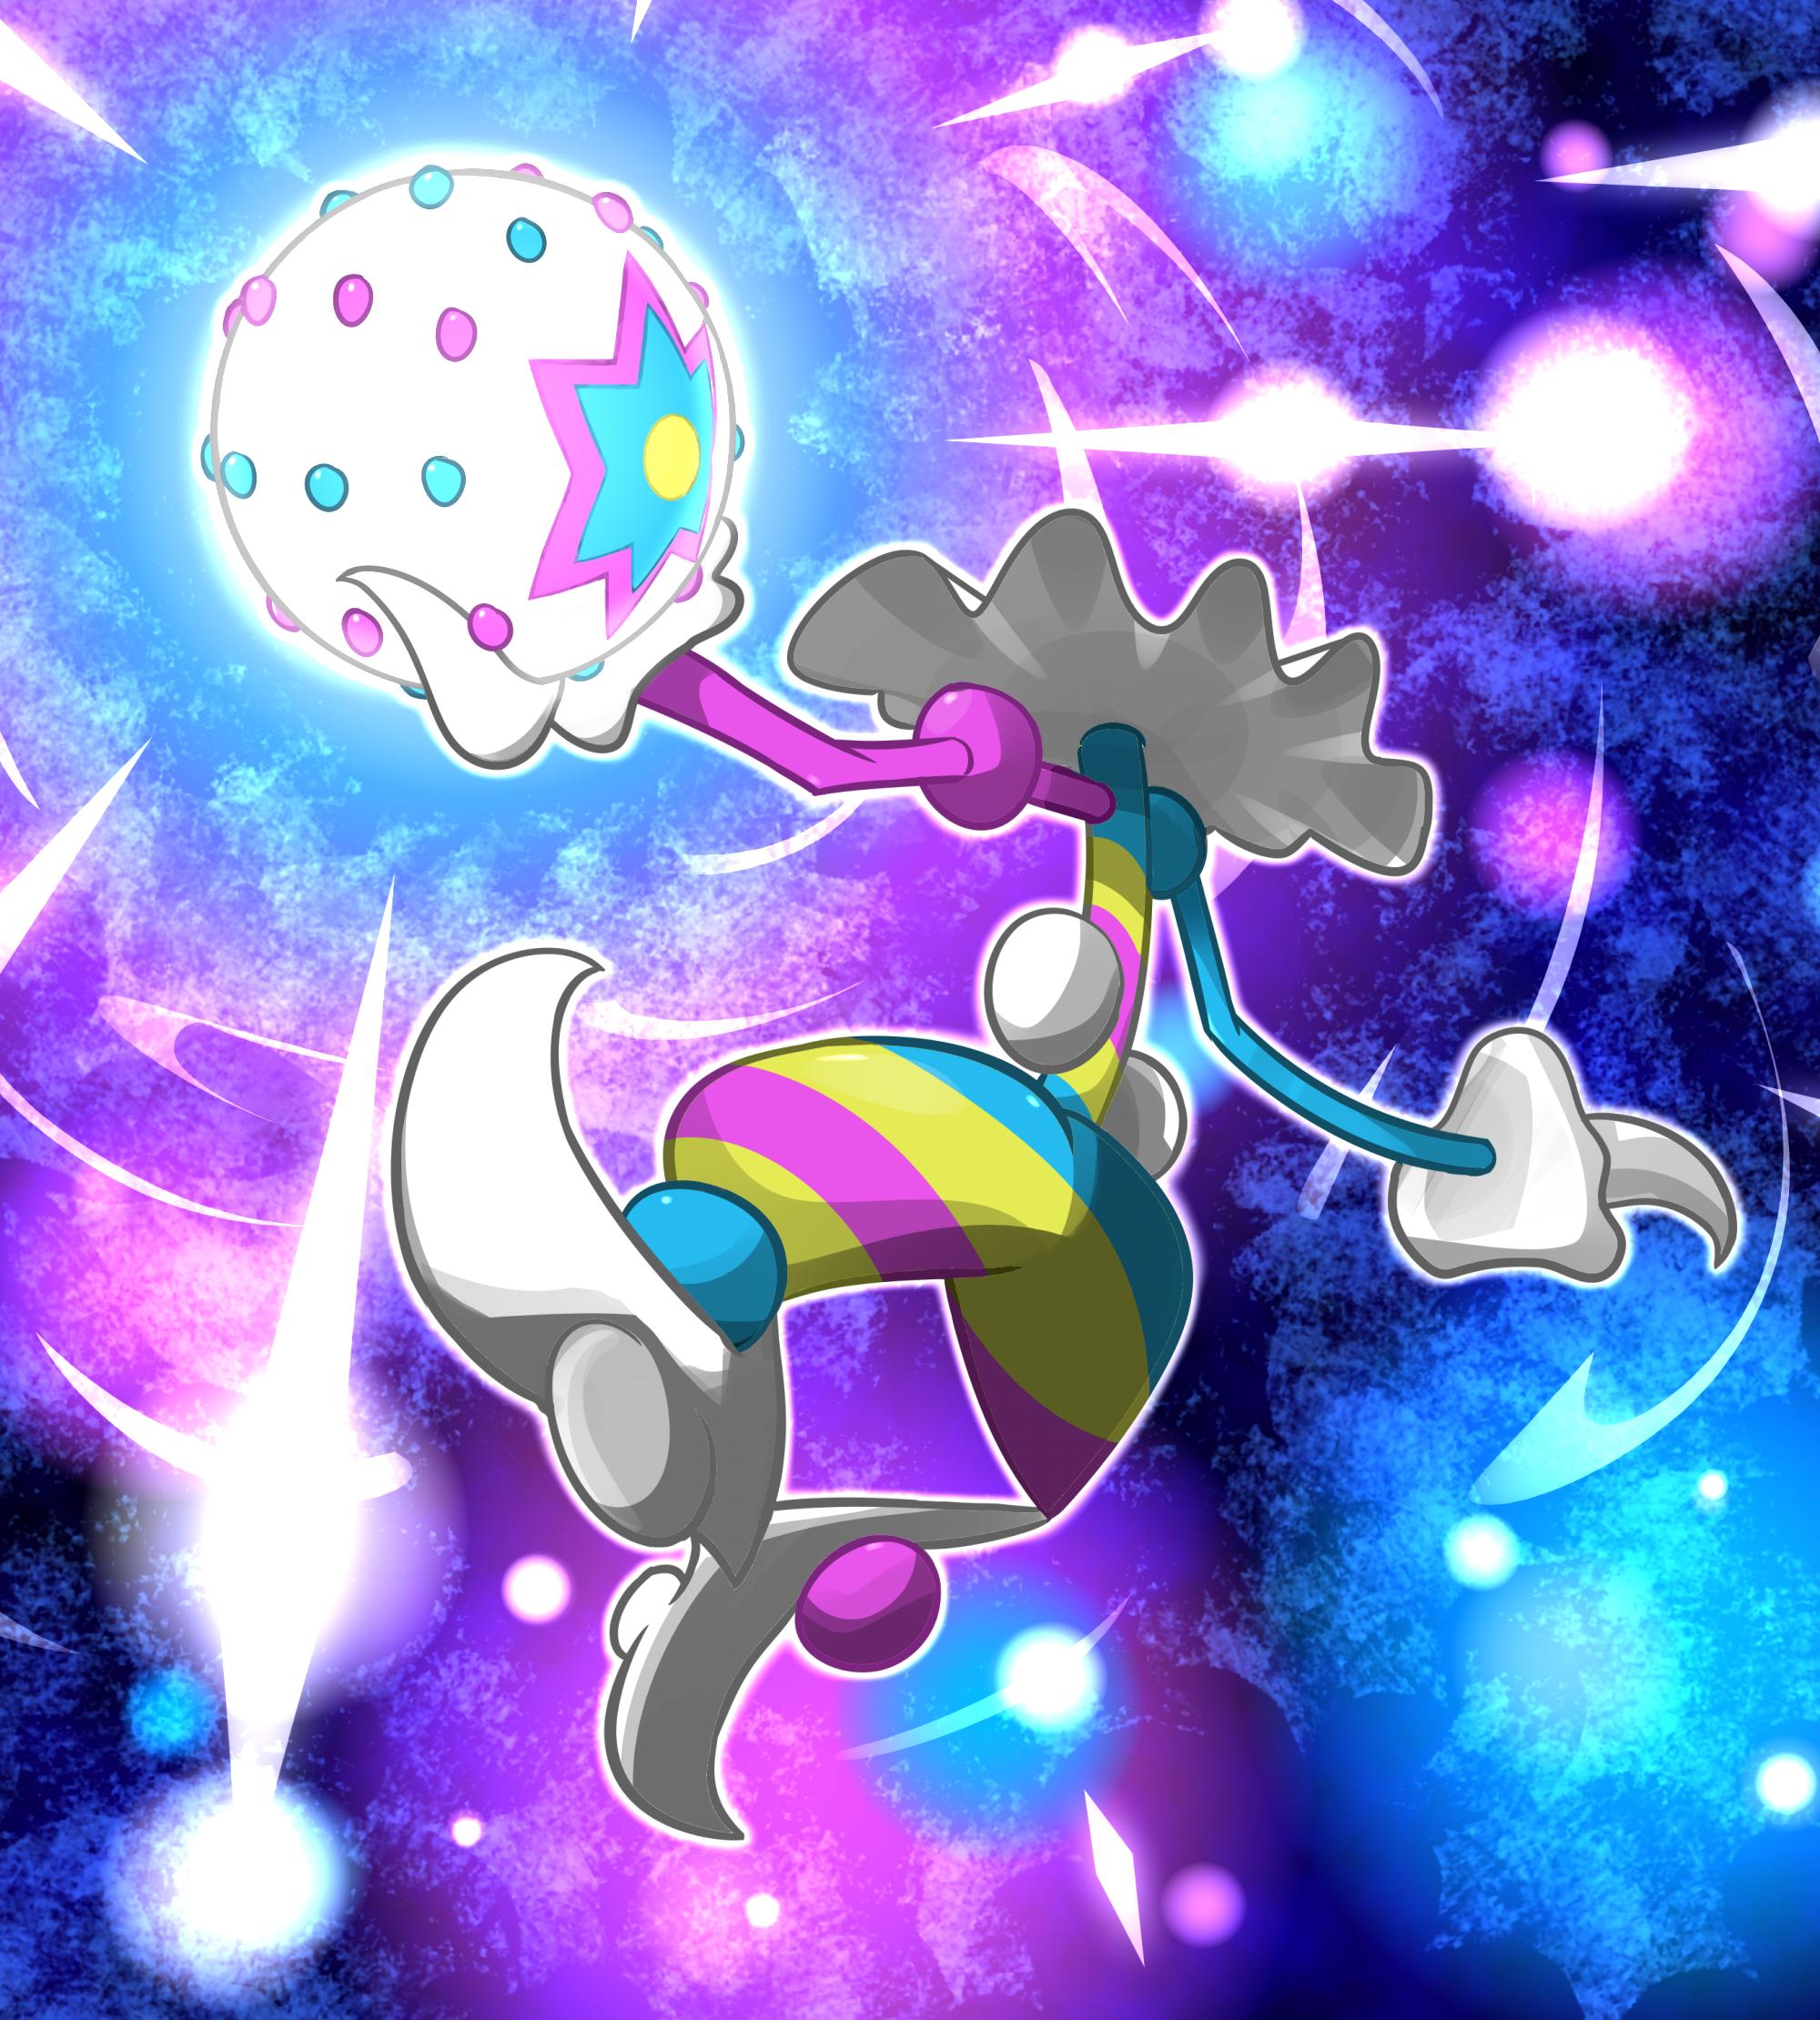 Blacephalon Pok 233 Mon Image 2185246 Zerochan Anime Image Board